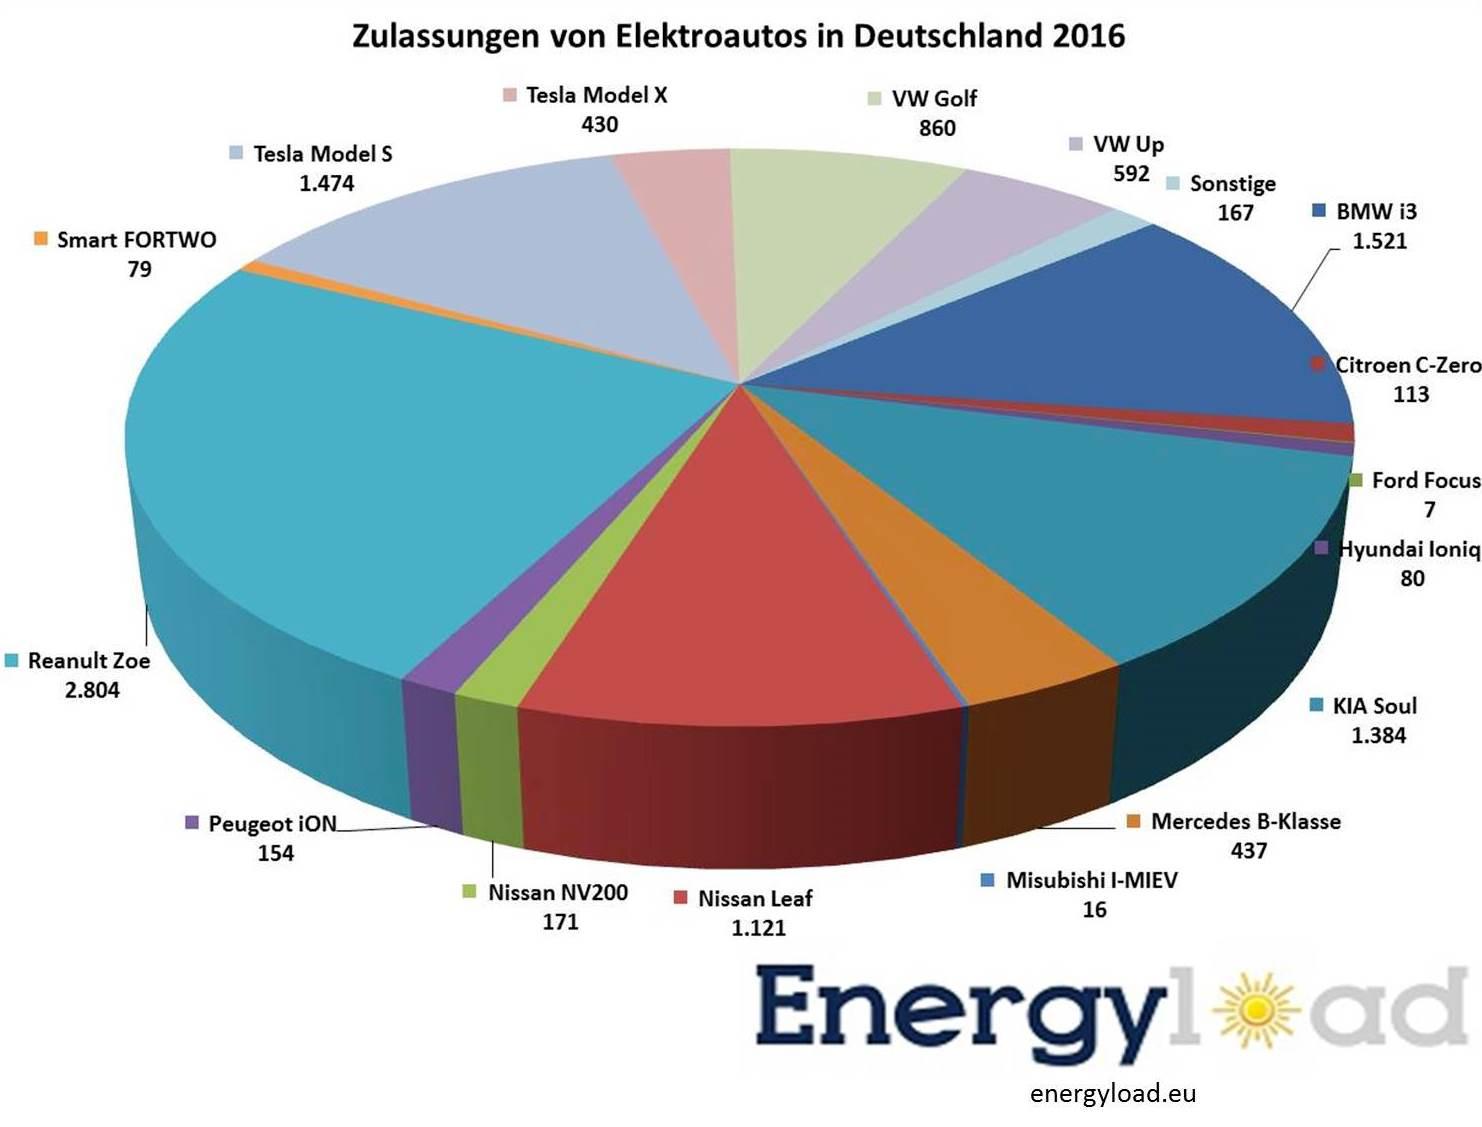 zulassungen-elektroautos-deutschland-infografik